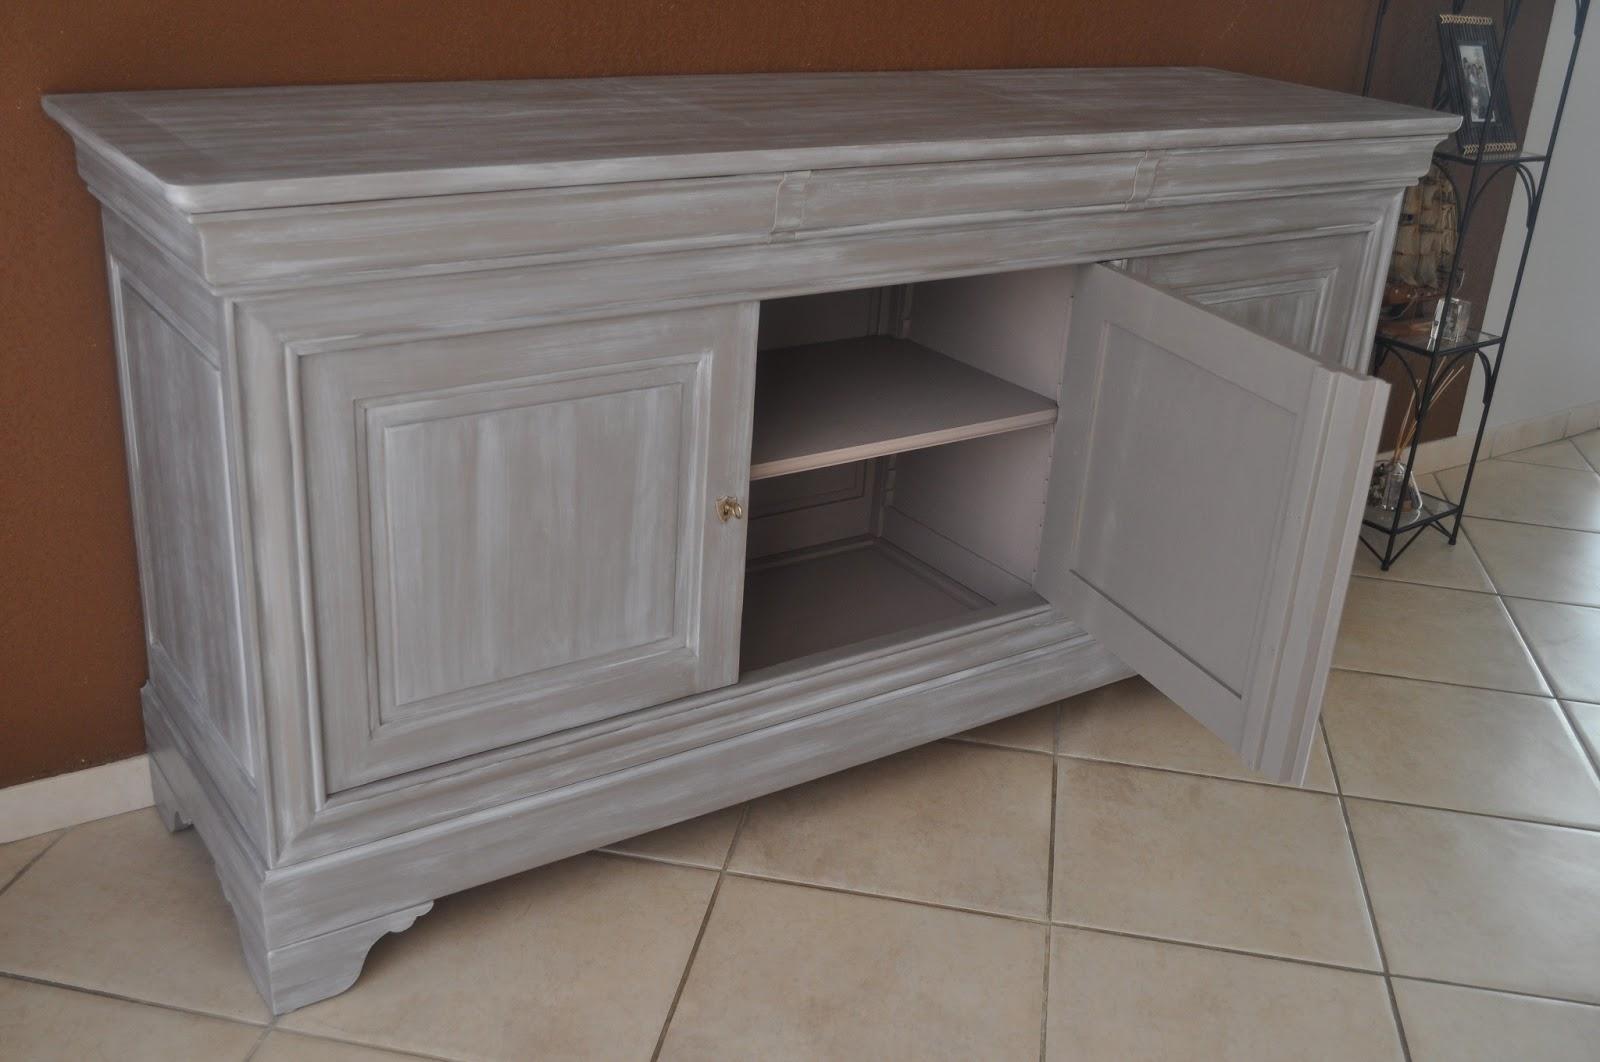 Comment r nover un meuble en bois - Meuble cuisine bois naturel ...